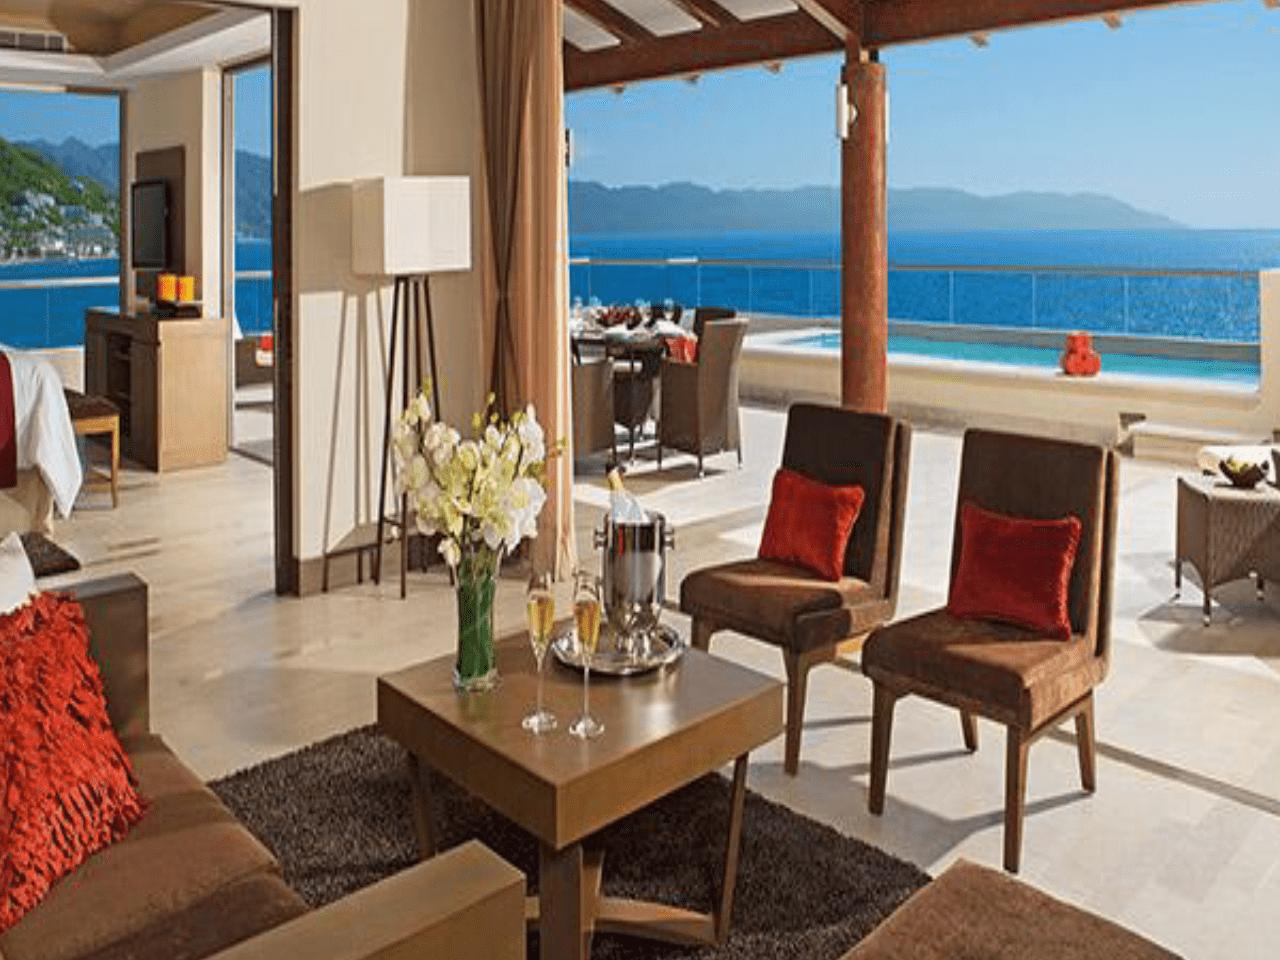 Bodas en la playa -terraza de hotel